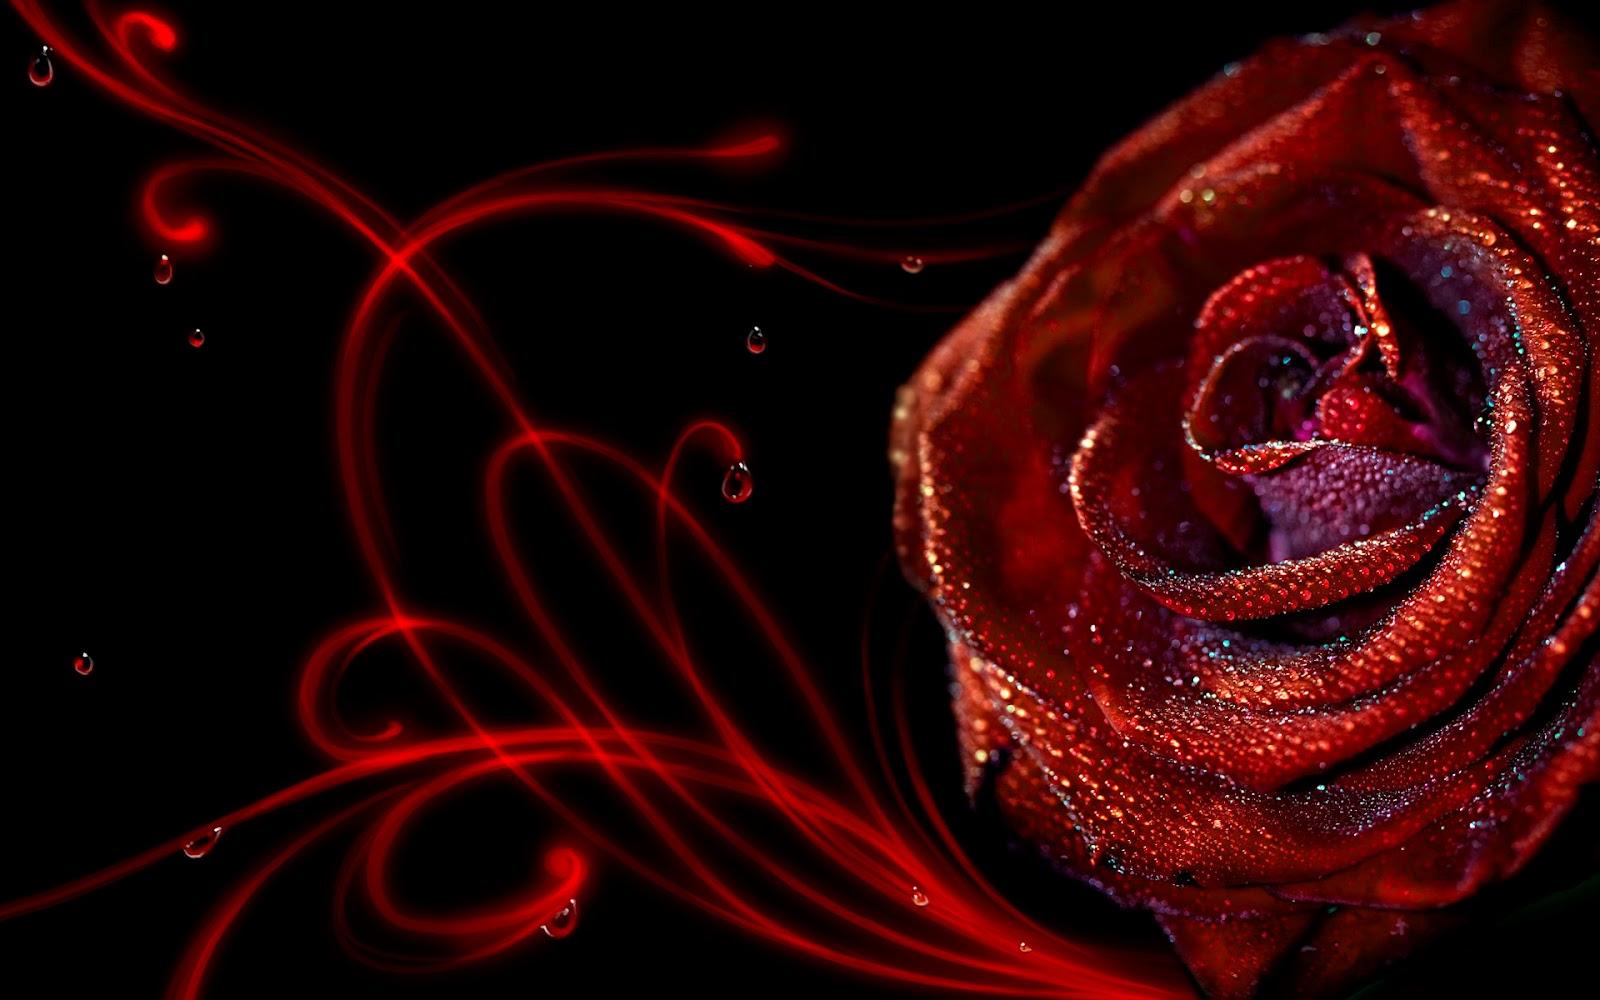 Elegant Red Roses Wallpaper HD wallpaper   Elegant Red Roses Wallpaper 1600x1000